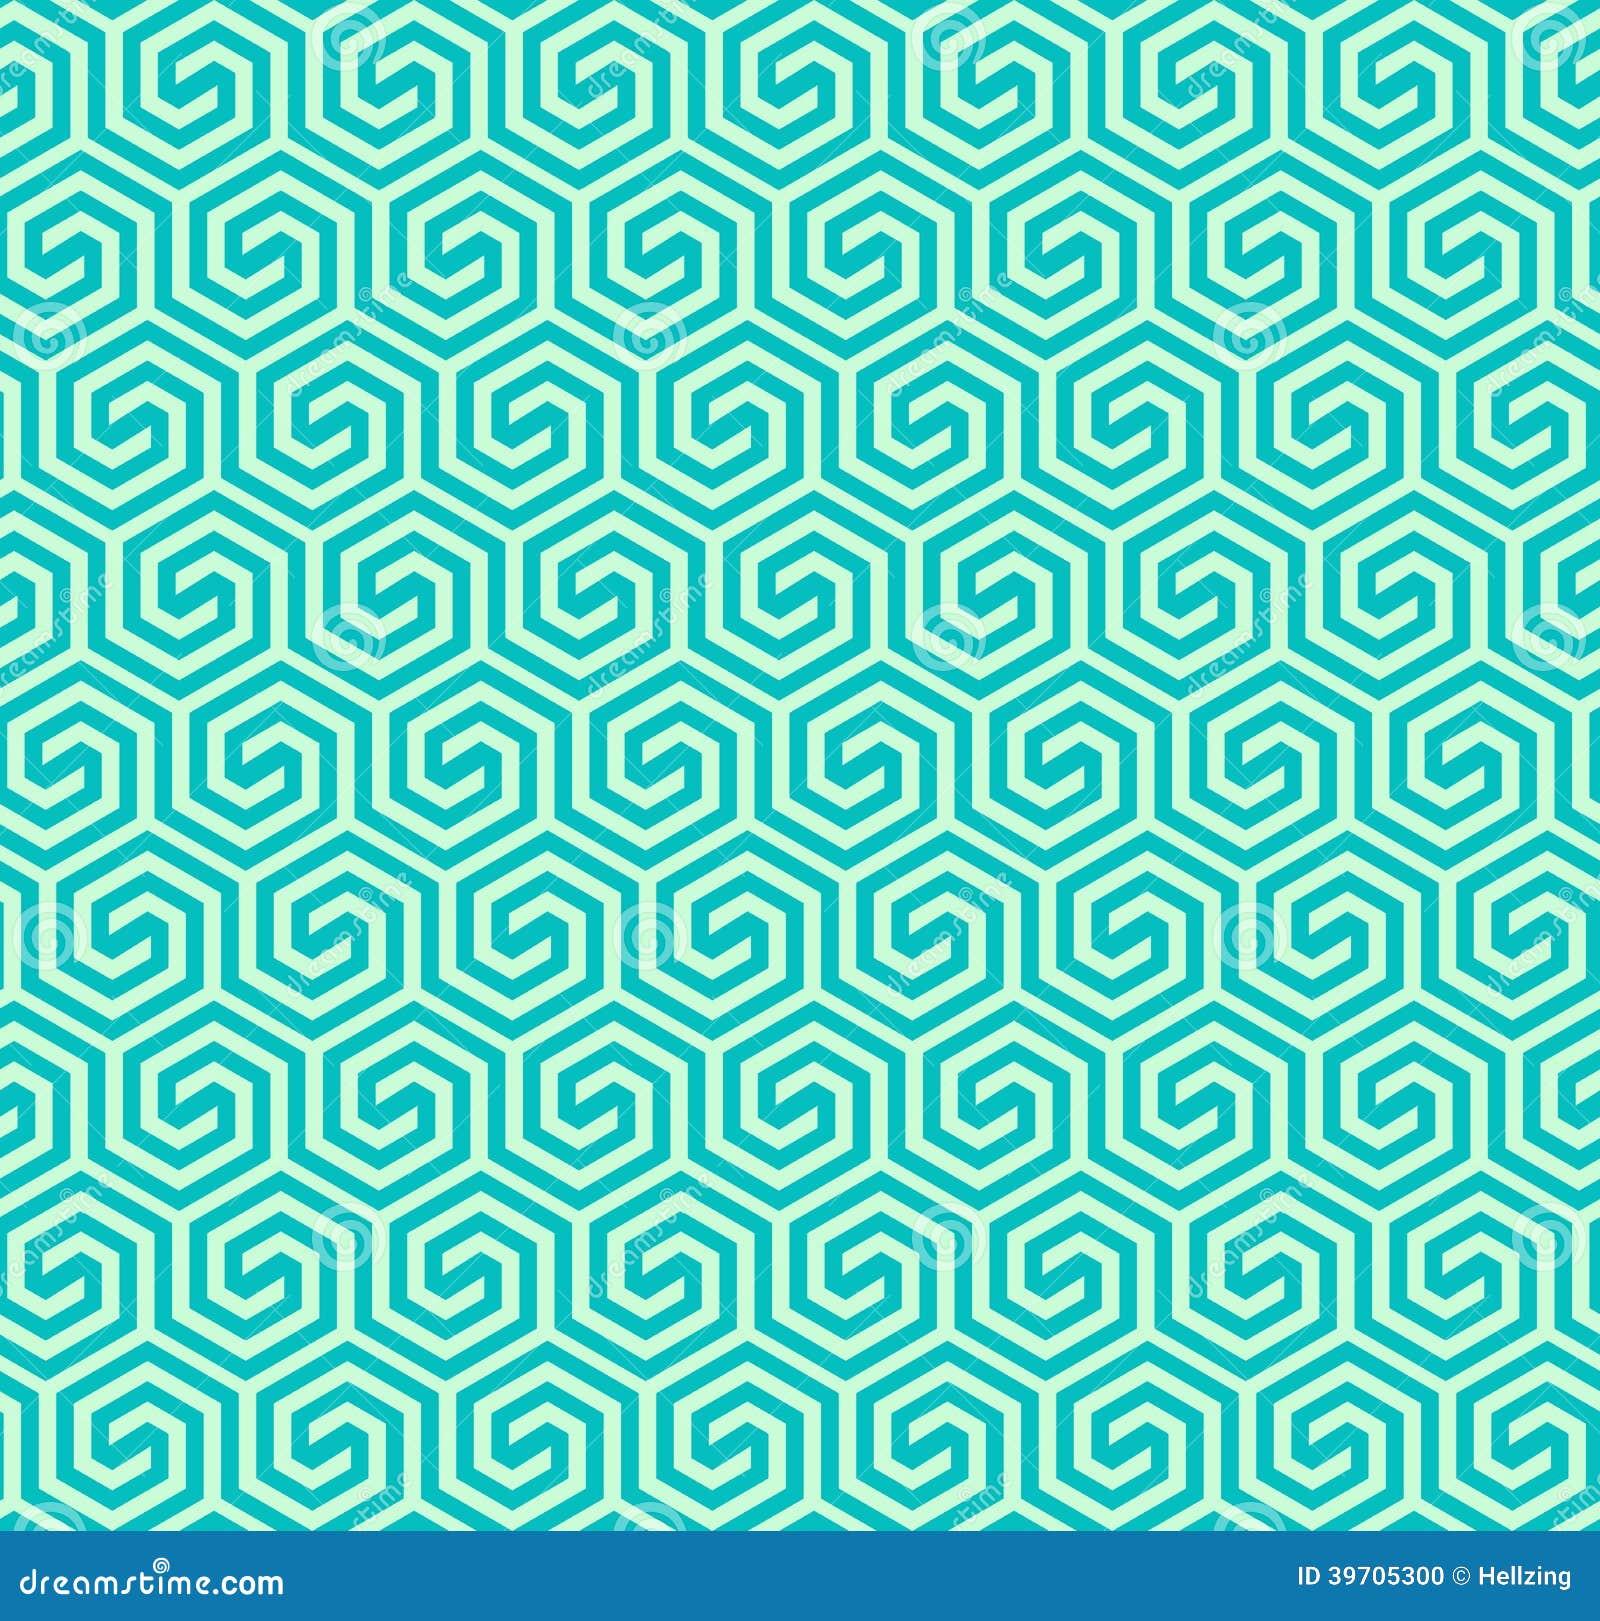 Naadloos abstract geometrisch hexagonaal patroon - vectoreps8